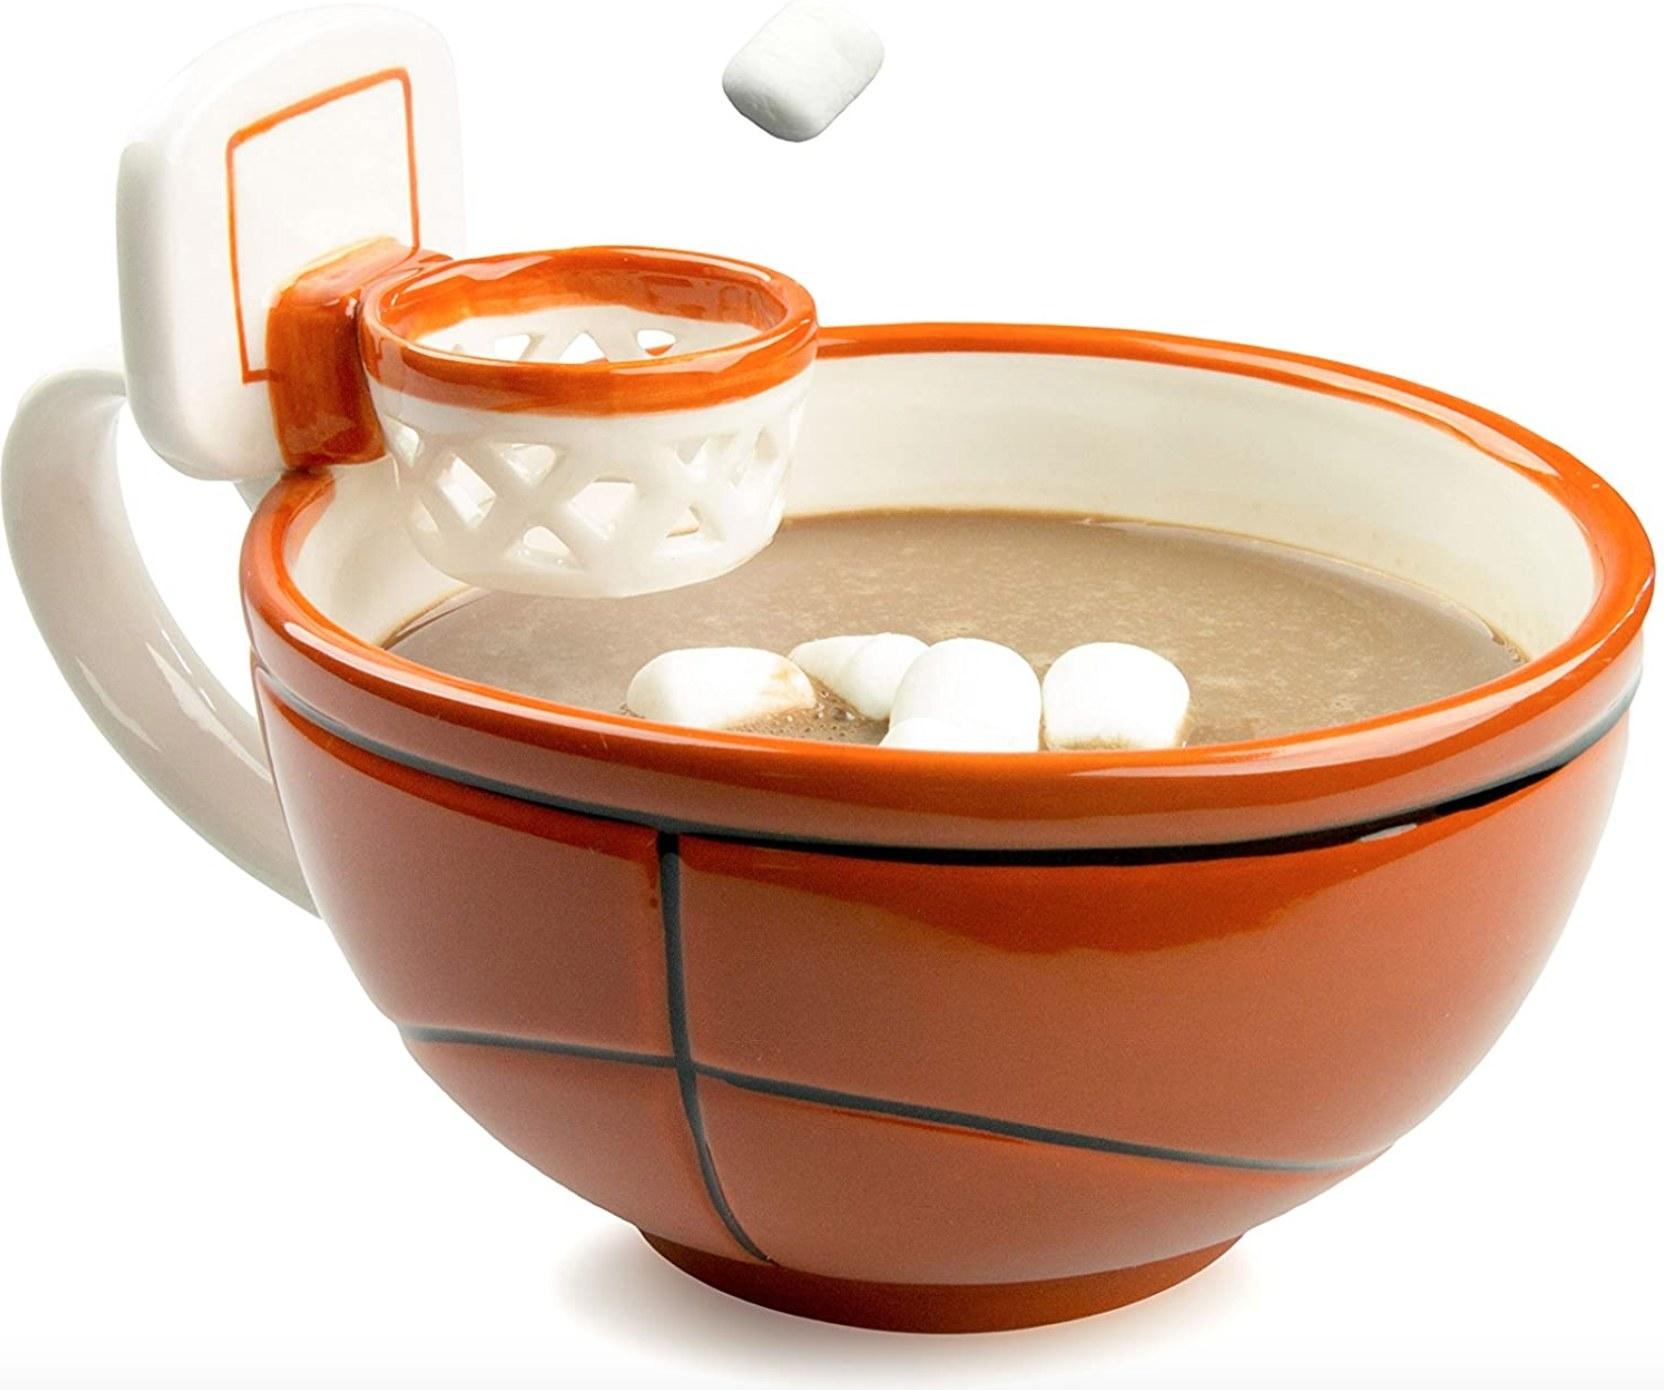 The basketball mug with a hoop